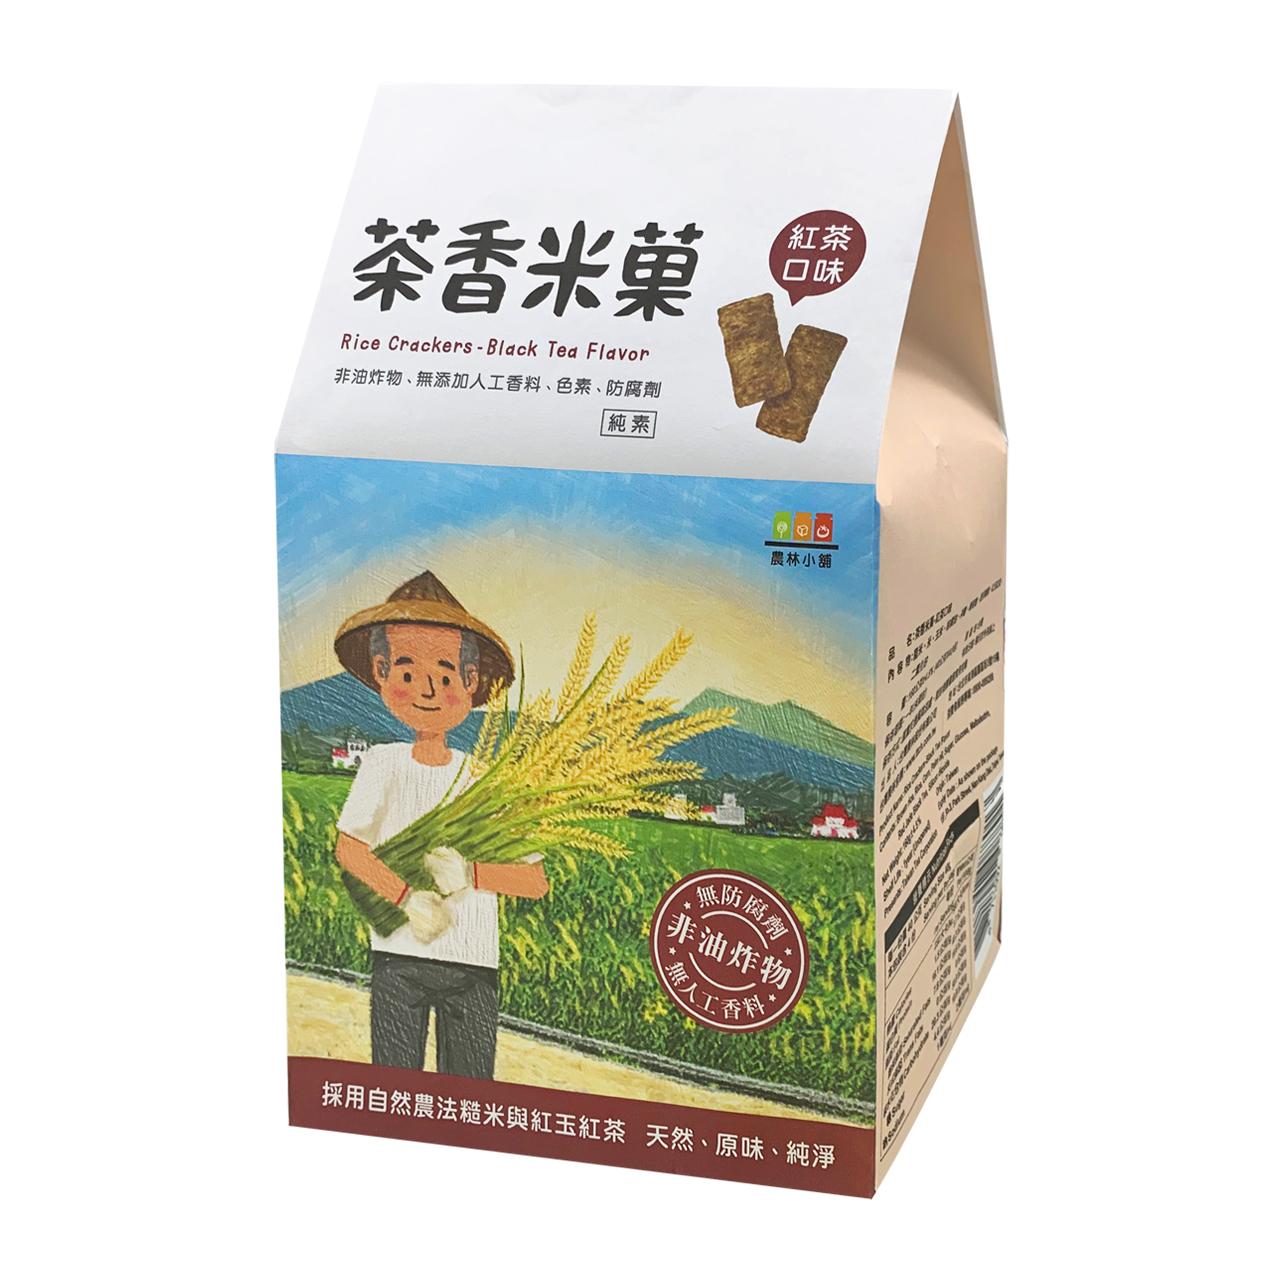 農林小舖-茶香米菓(紅玉紅茶)(160g)